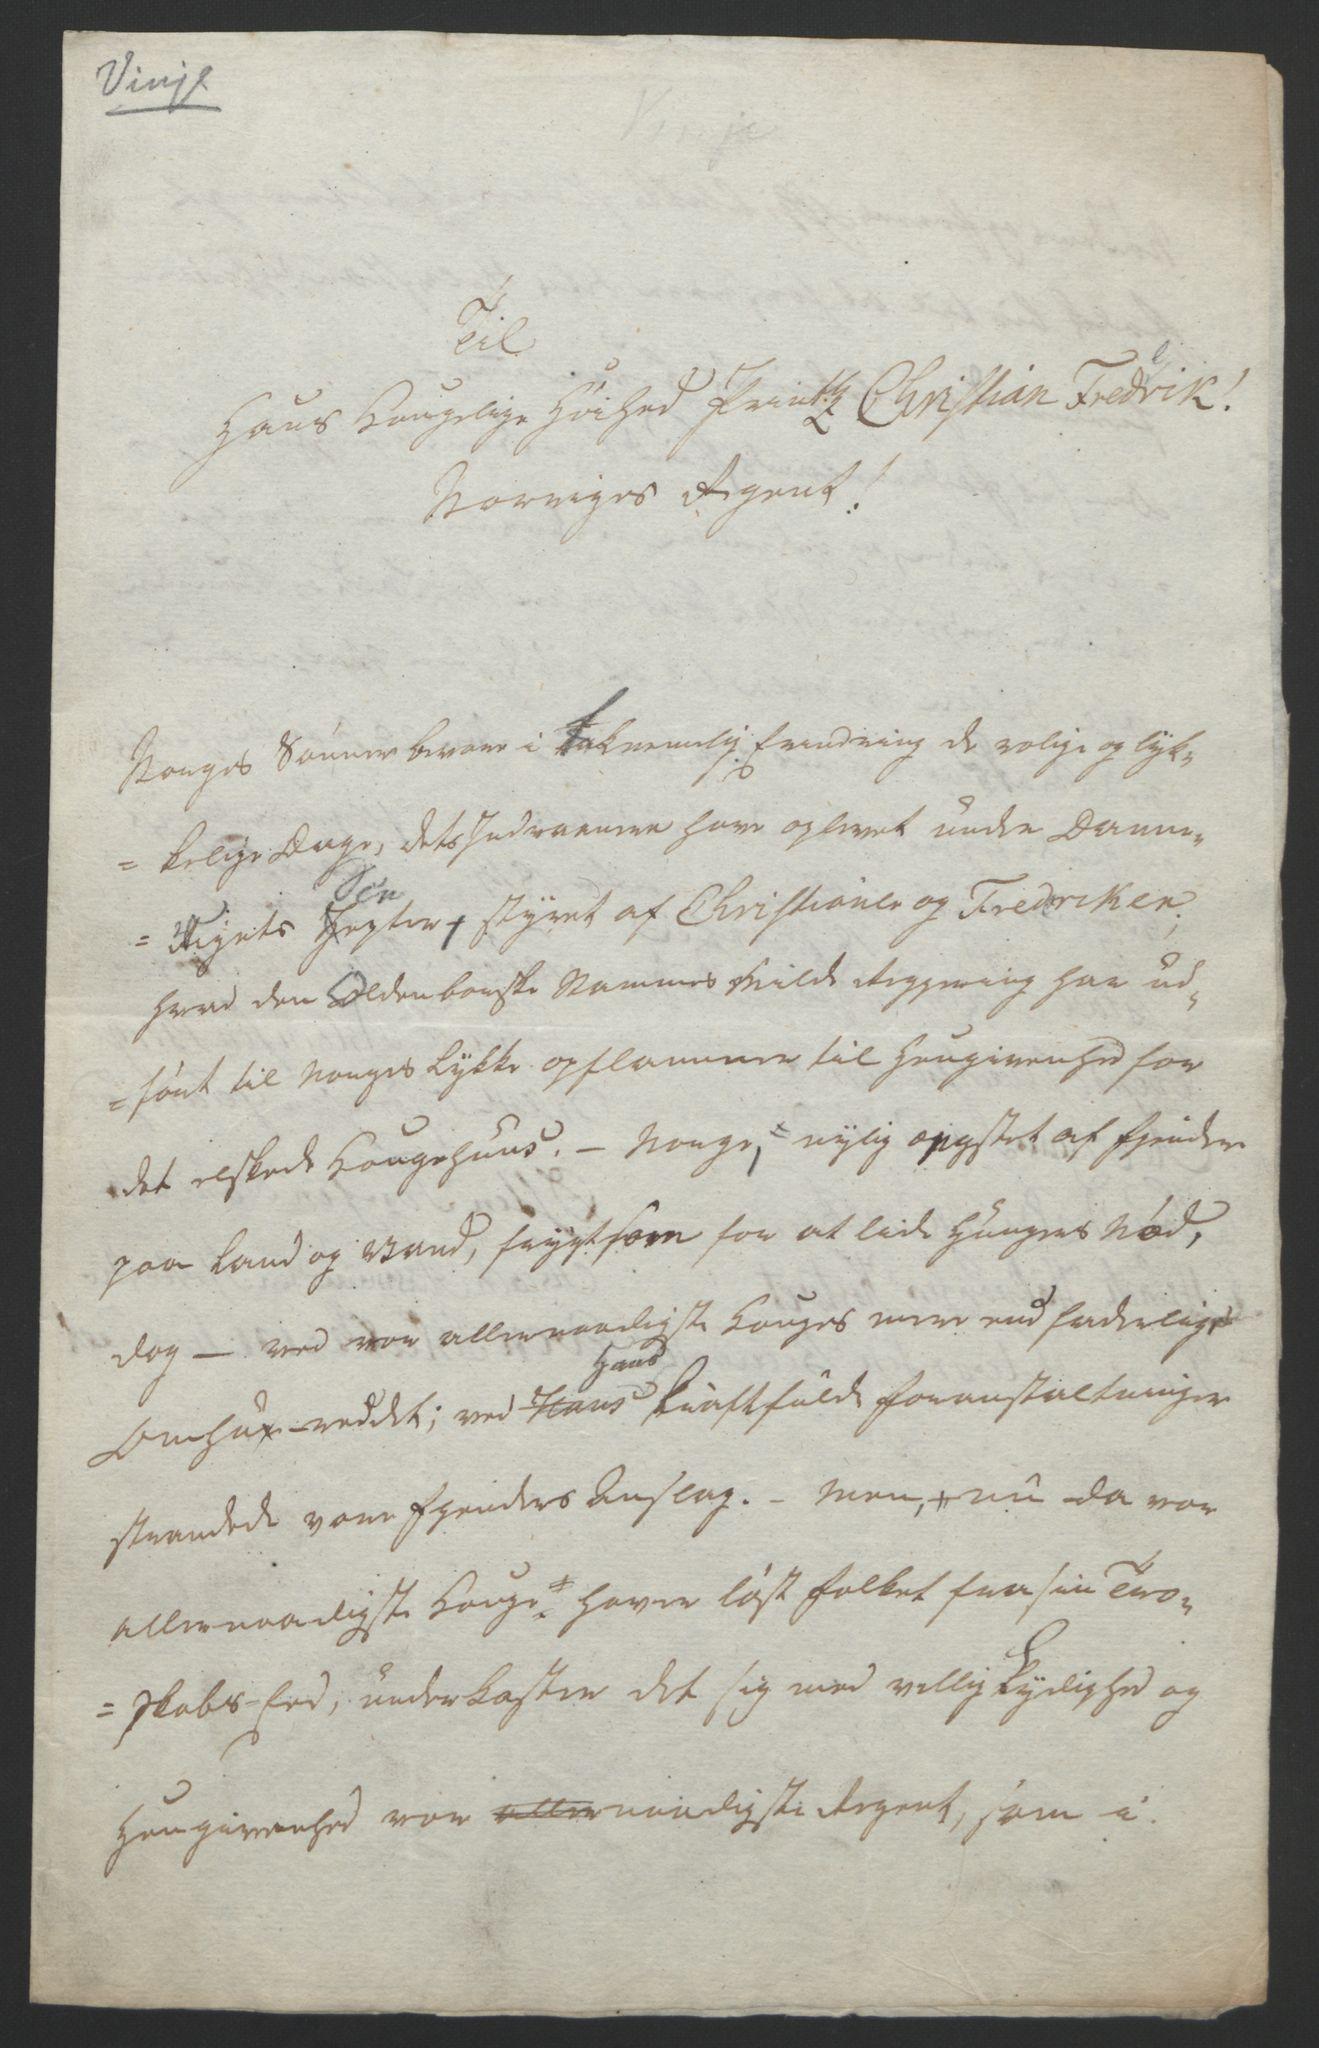 RA, Statsrådssekretariatet, D/Db/L0008: Fullmakter for Eidsvollsrepresentantene i 1814. , 1814, s. 72